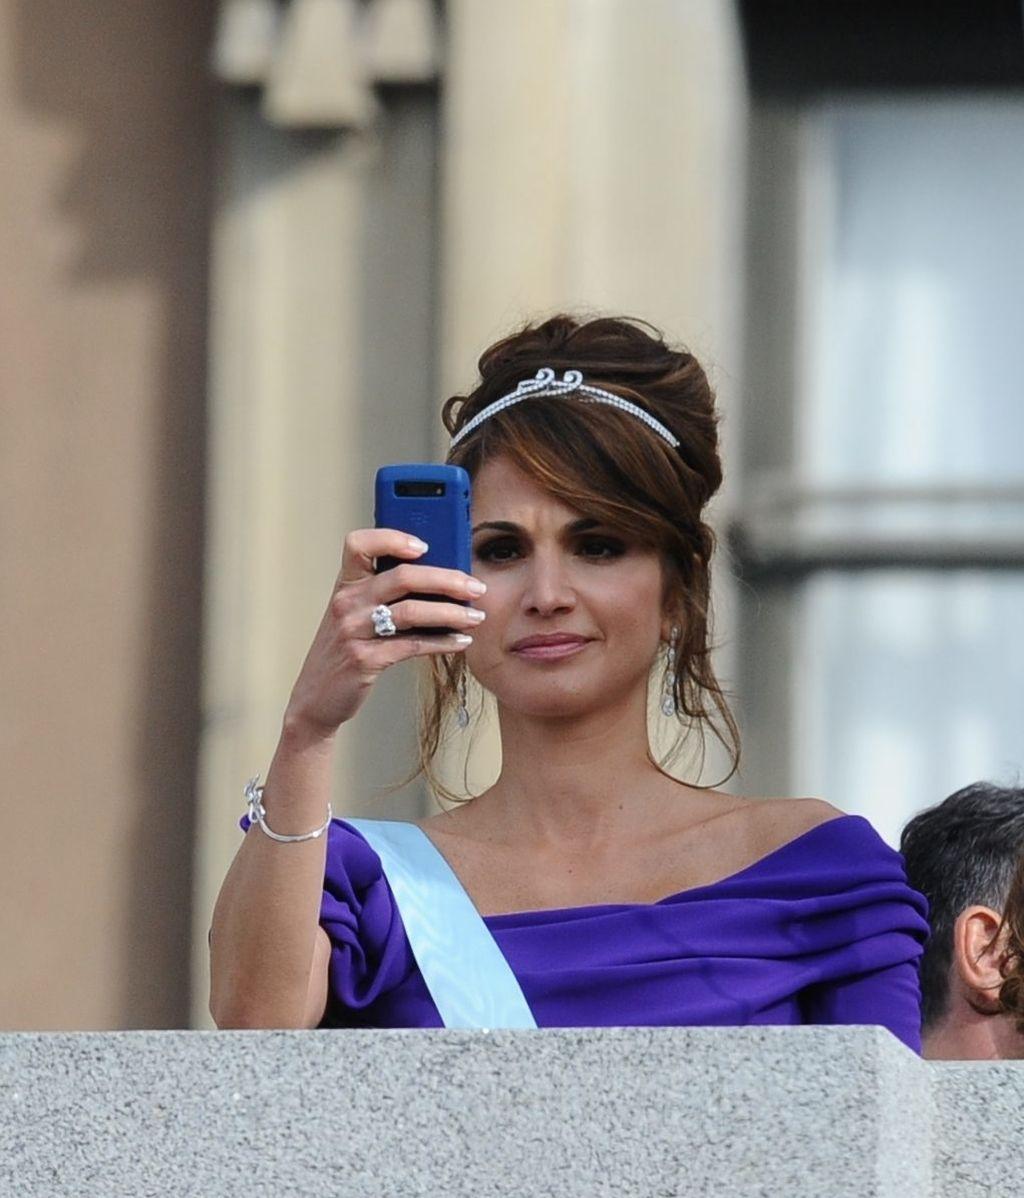 Rania de Jordania hace una foto con su teléfono móvil